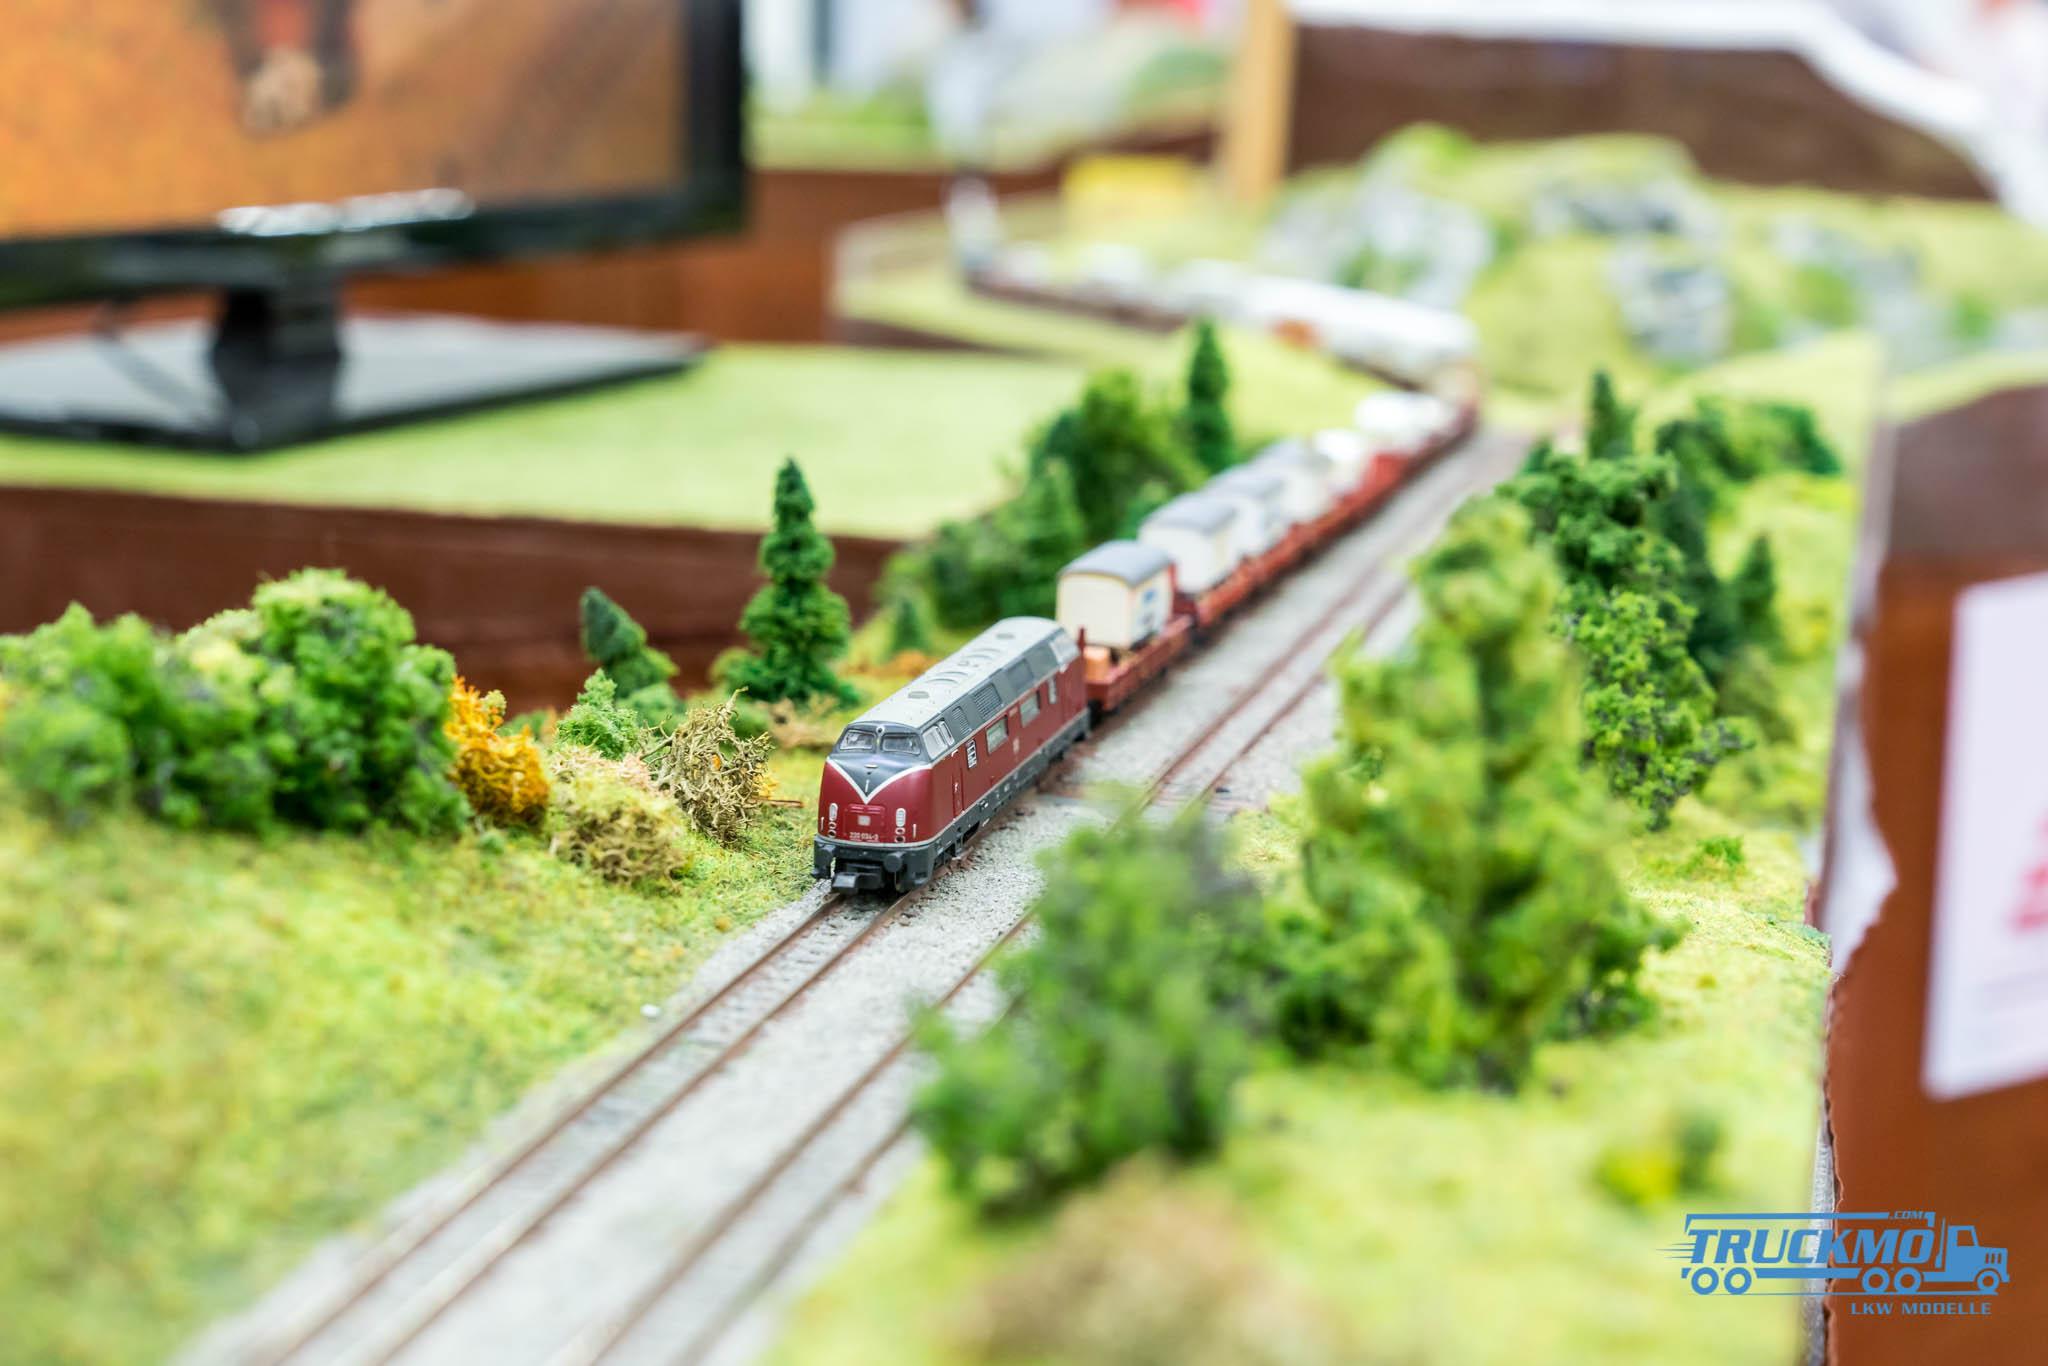 Truckmo_Modellbau_Ried_2017_Herpa_Messe_Modellbauausstellung (120 von 1177)